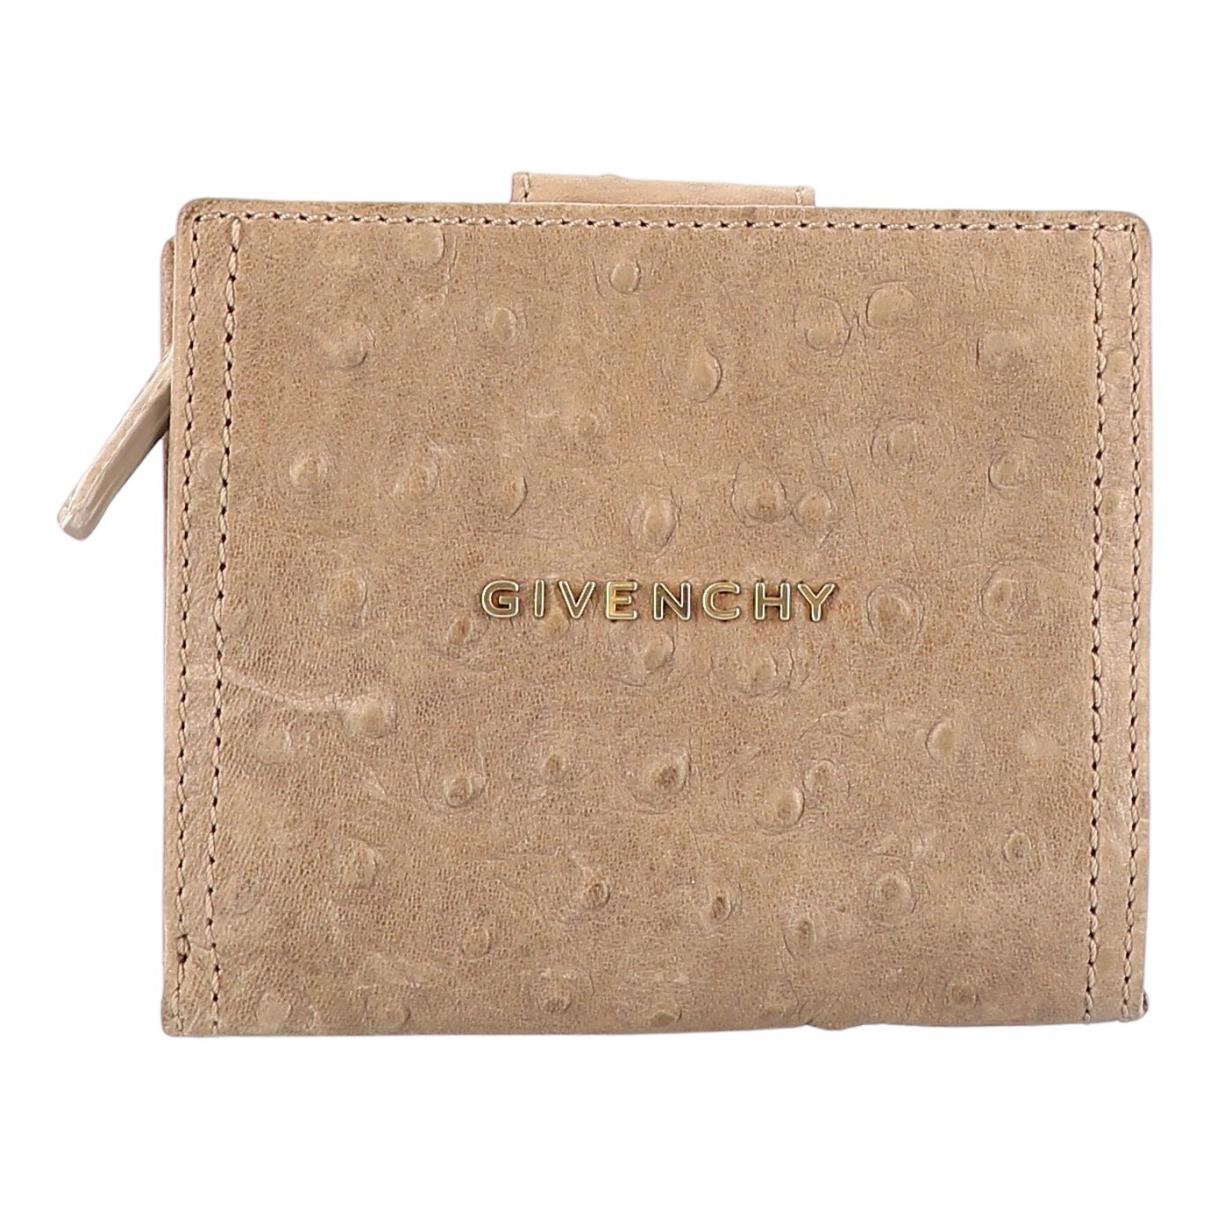 Givenchy \N Portemonnaie in  Beige Vogelstrauss